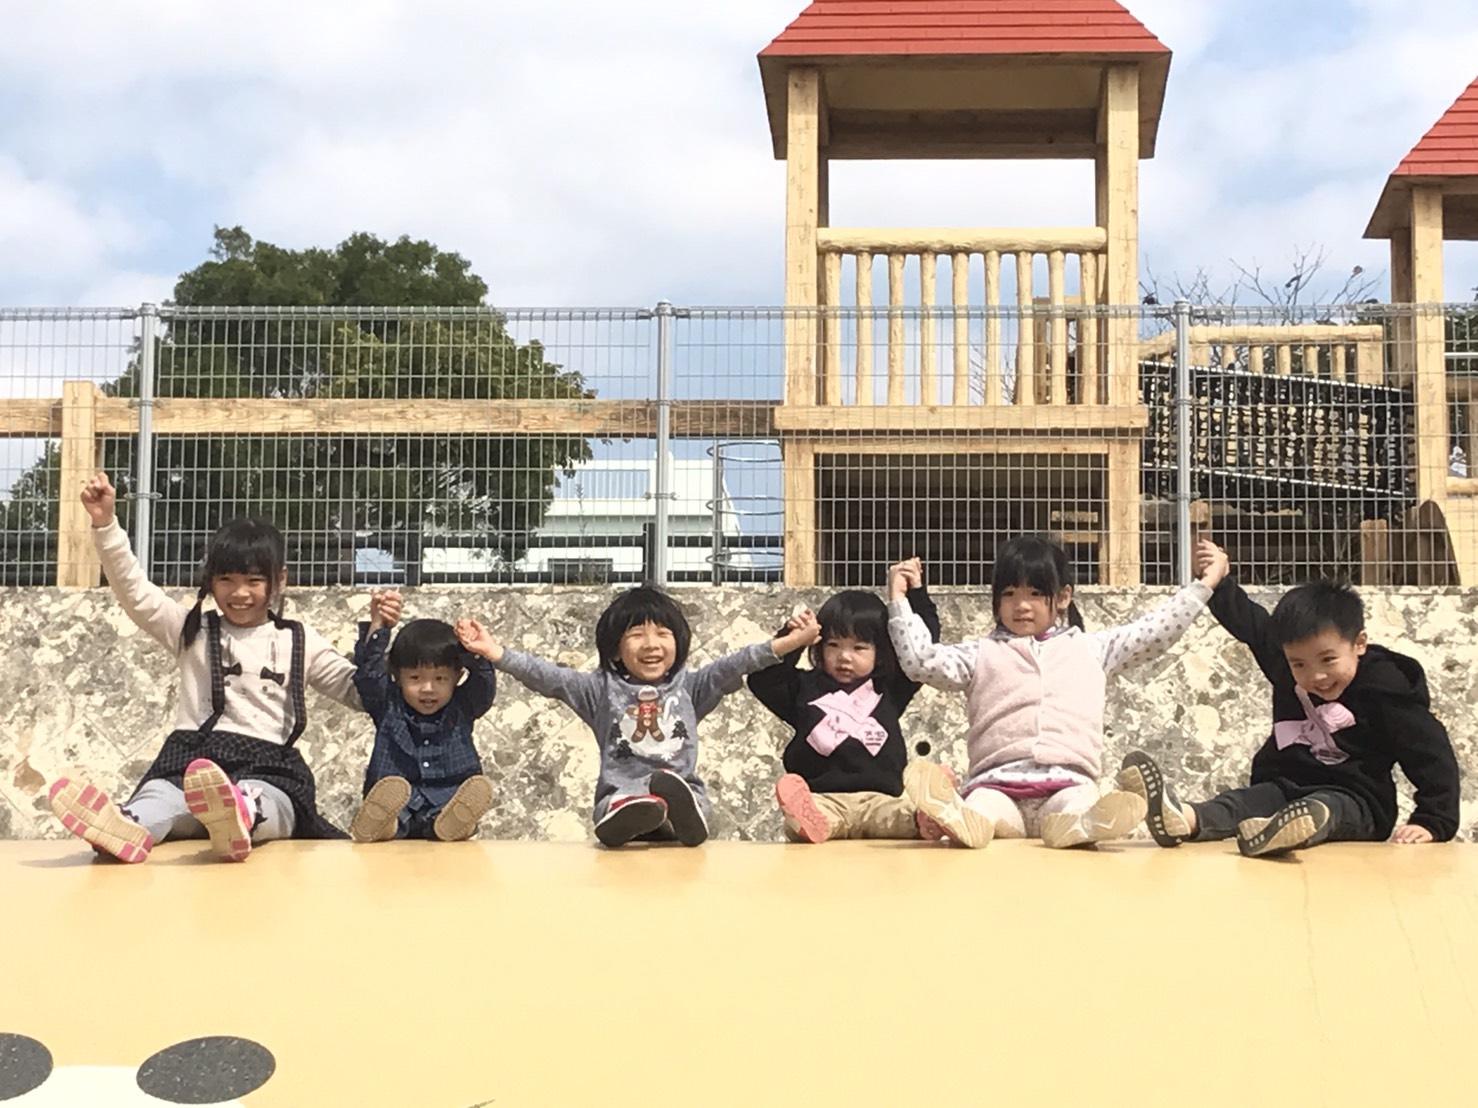 『2017沖繩』大人小孩都玩high的公園-宜野湾いこいの市民パーク